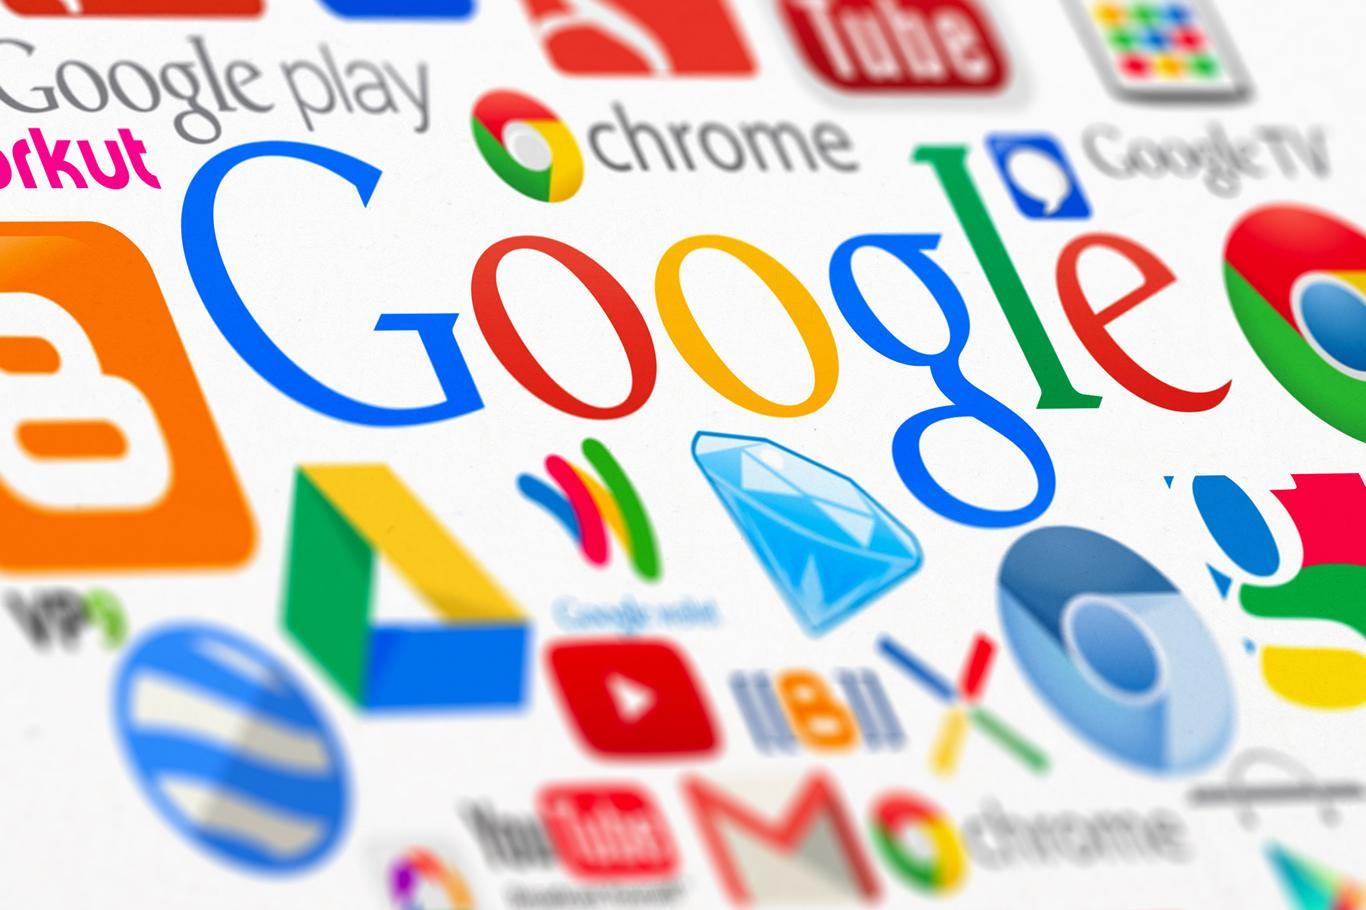 Google ve Youtube'ye ne oldu? Youtube ve Google Neden açılmıyor